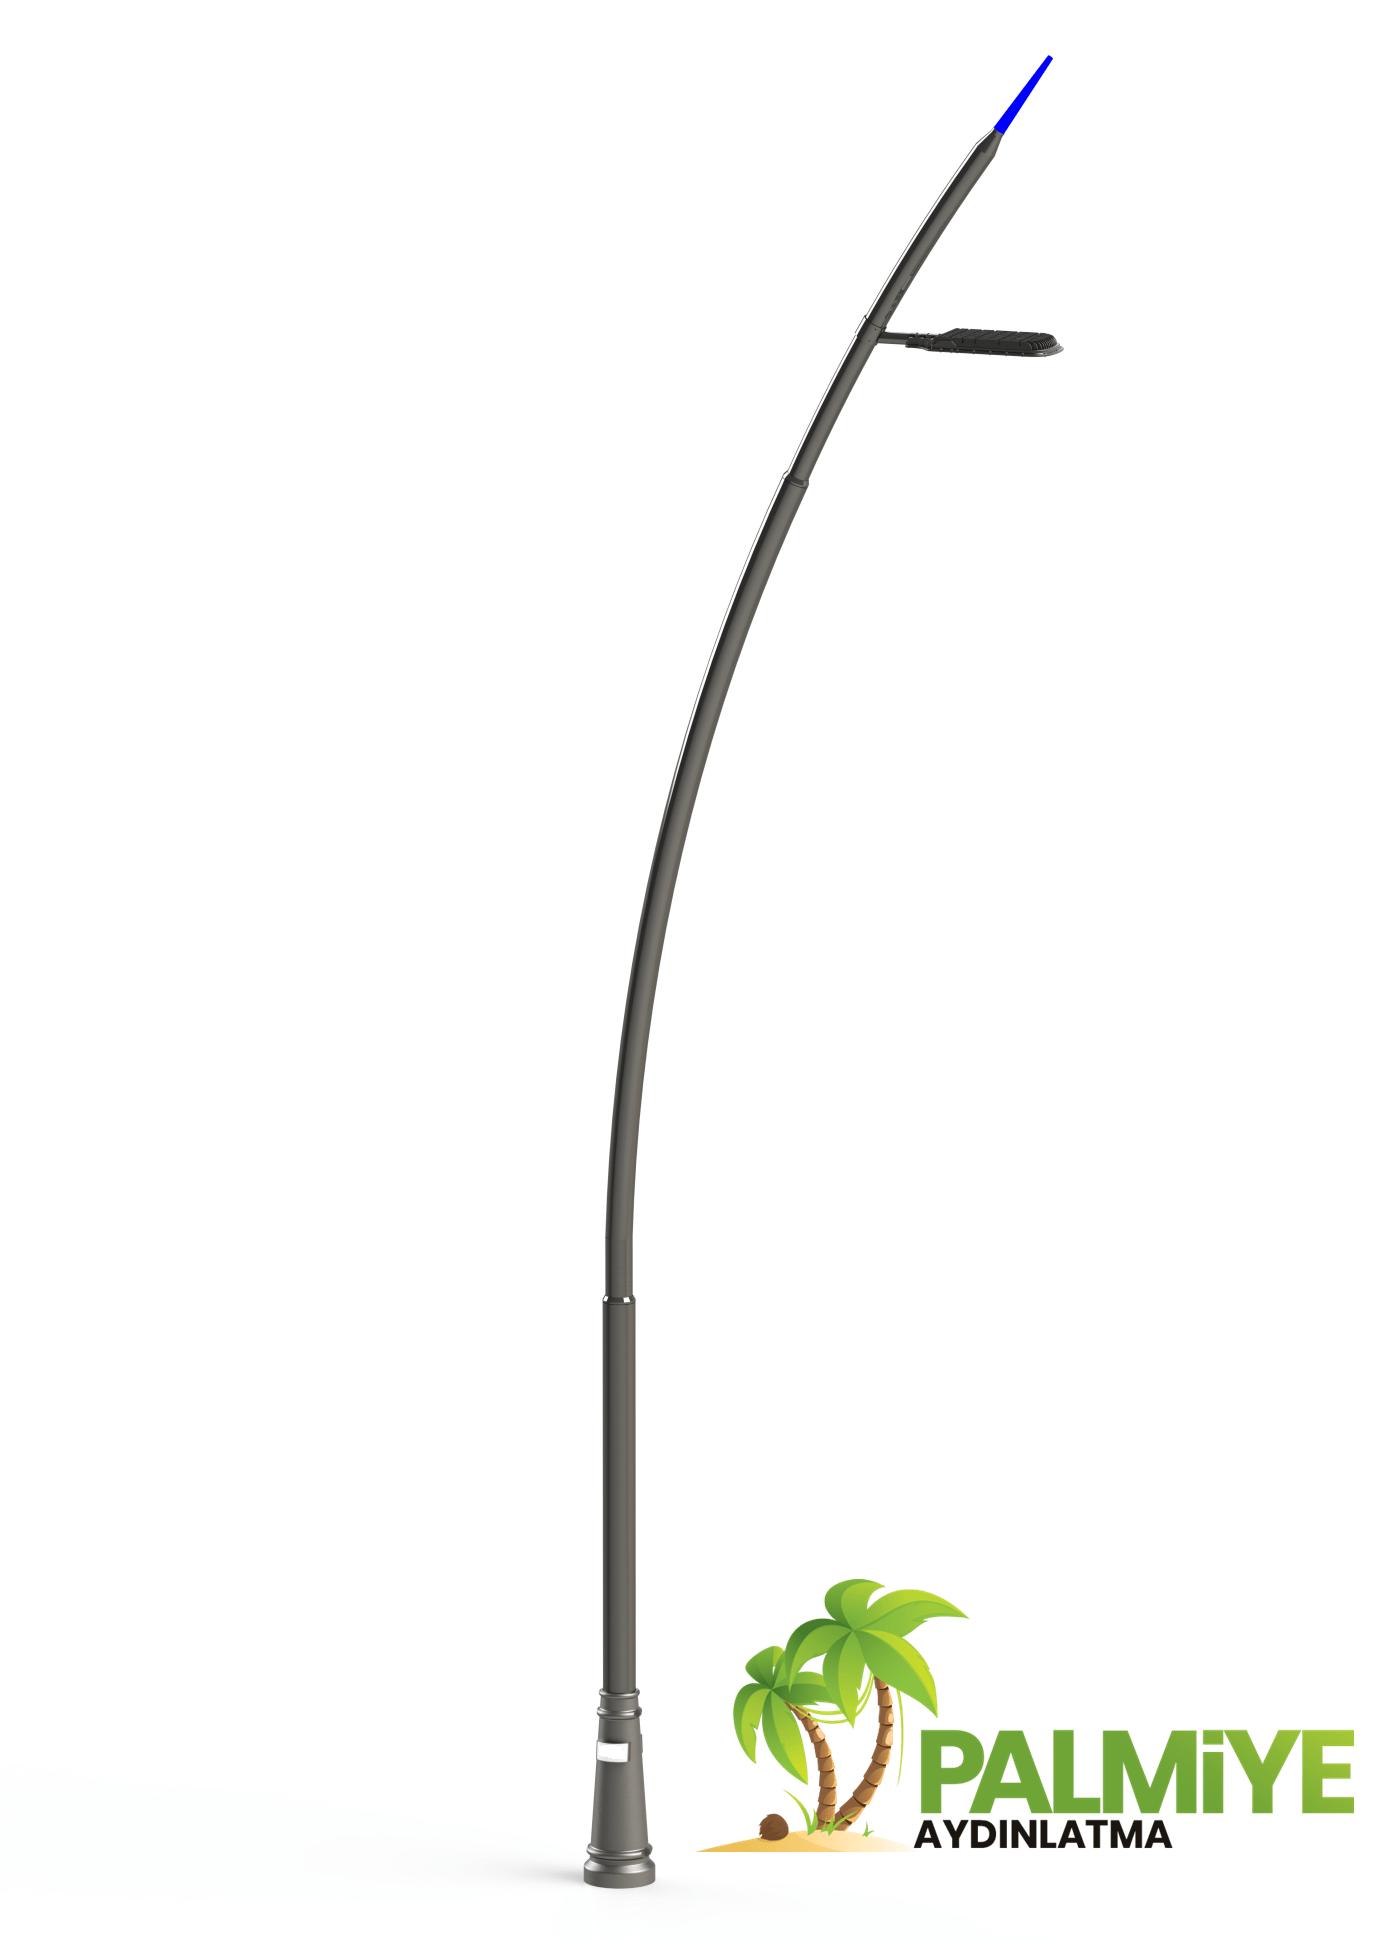 c tipi dekoratif aydınlatma direği